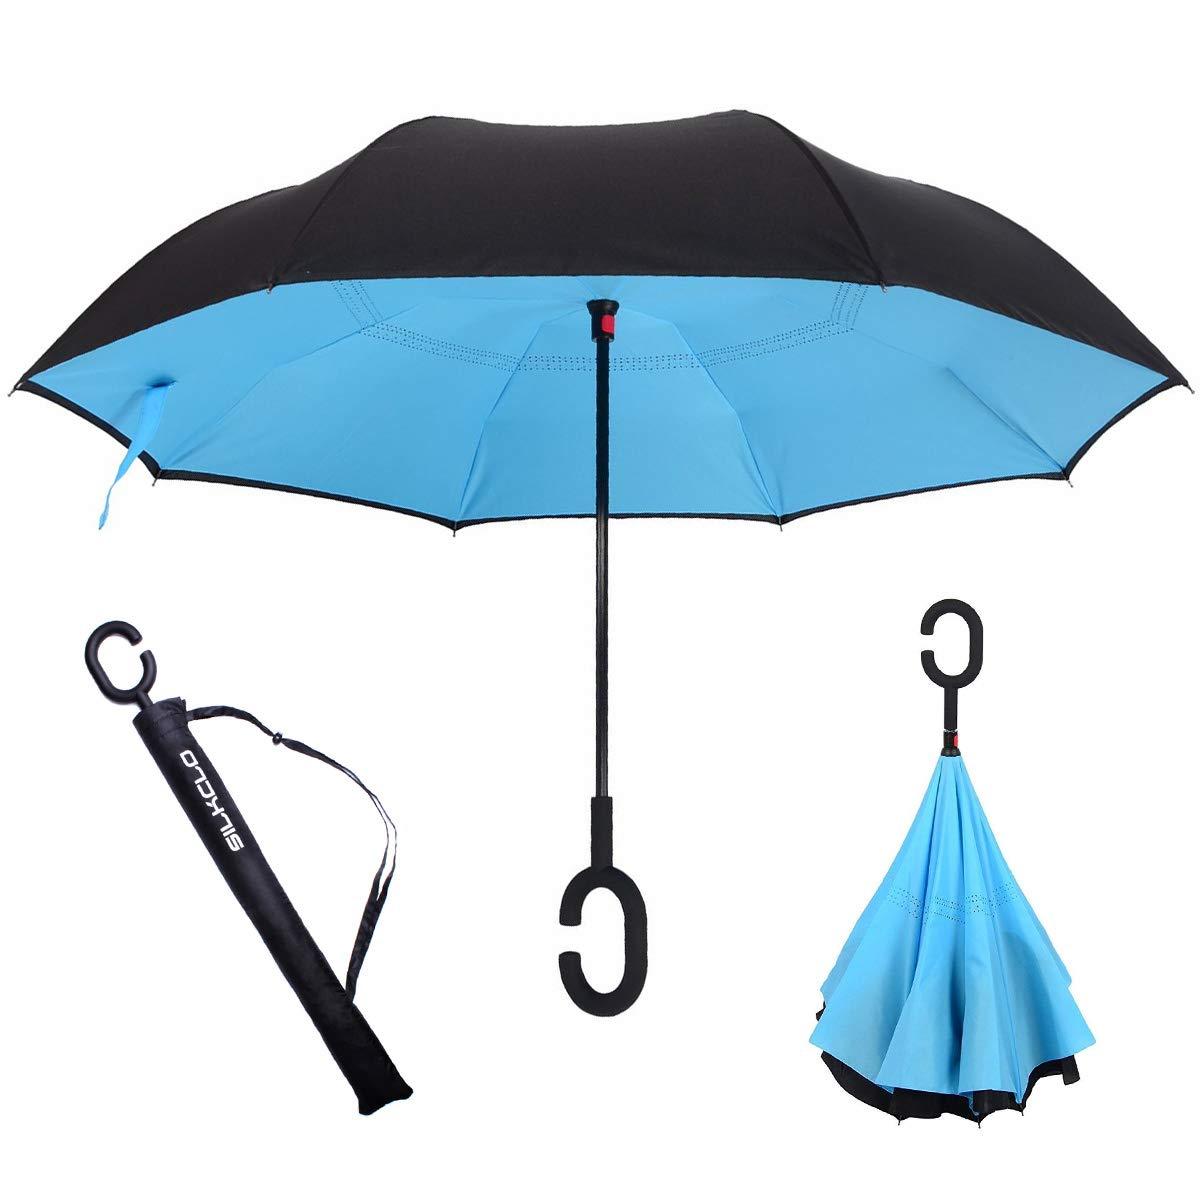 Walsilk Double Couche Parapluie,Parapluie Inversé,Parapluie Réversible, Parapluie Canne, Coupe Vent Parapluie avec Poignée en Forme de C pour les Femmes et les Hommes Résistant au vent